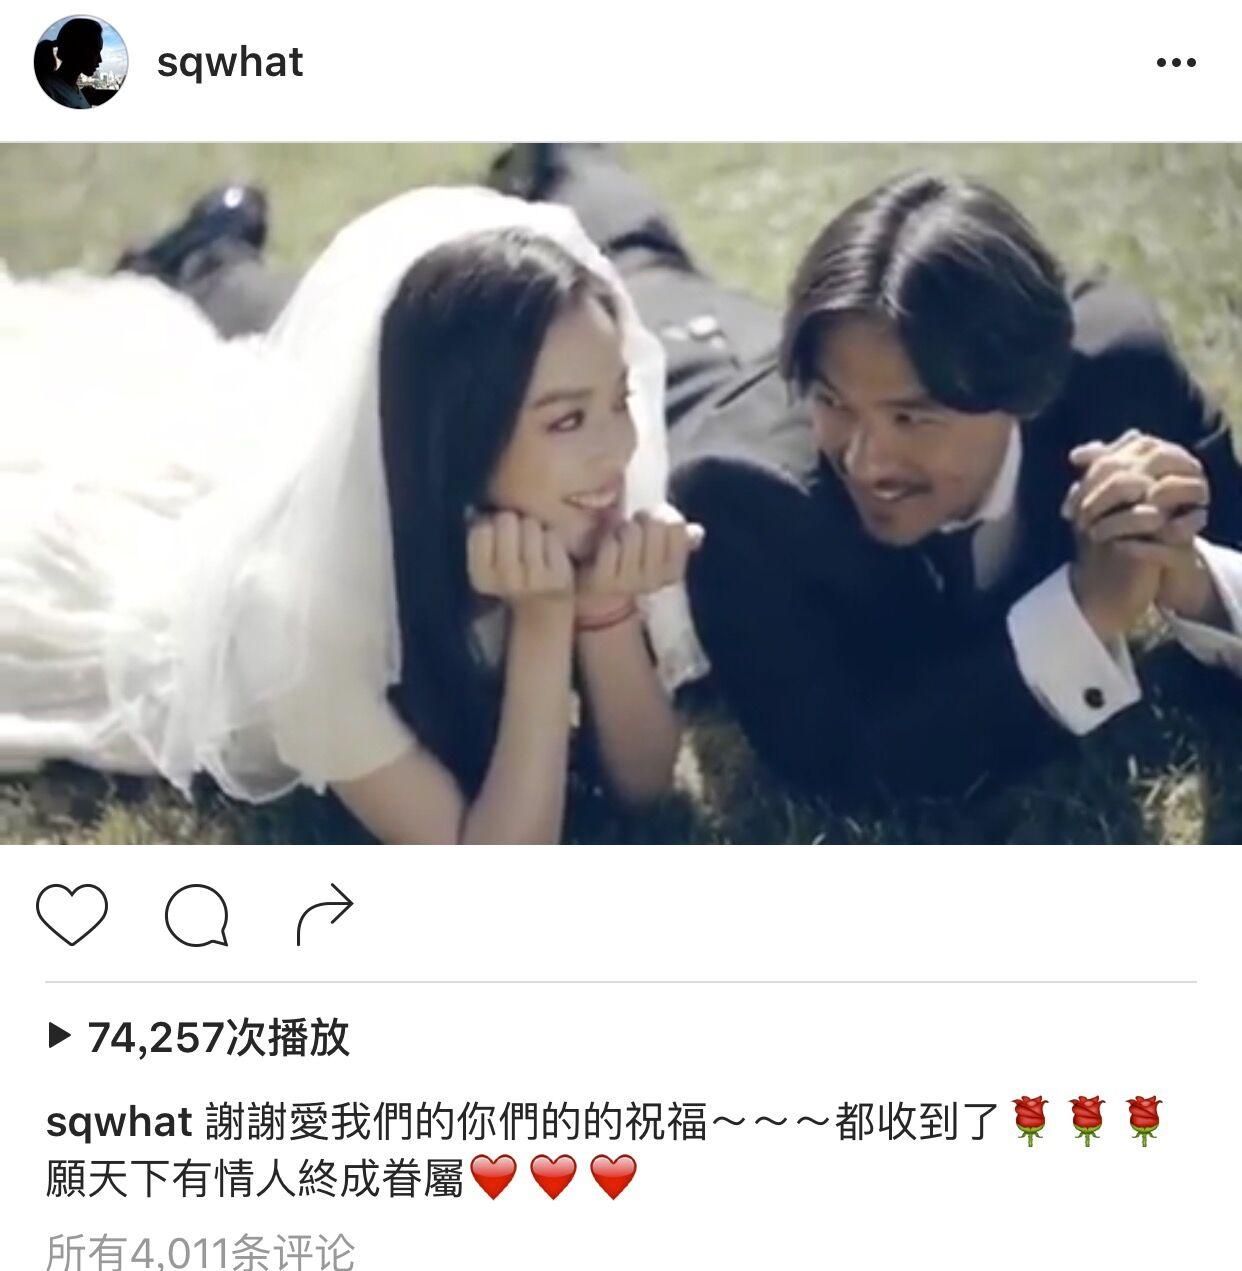 舒淇突然宣布结婚了!新娘满分,新郎满分,H&M成了品牌大赢家